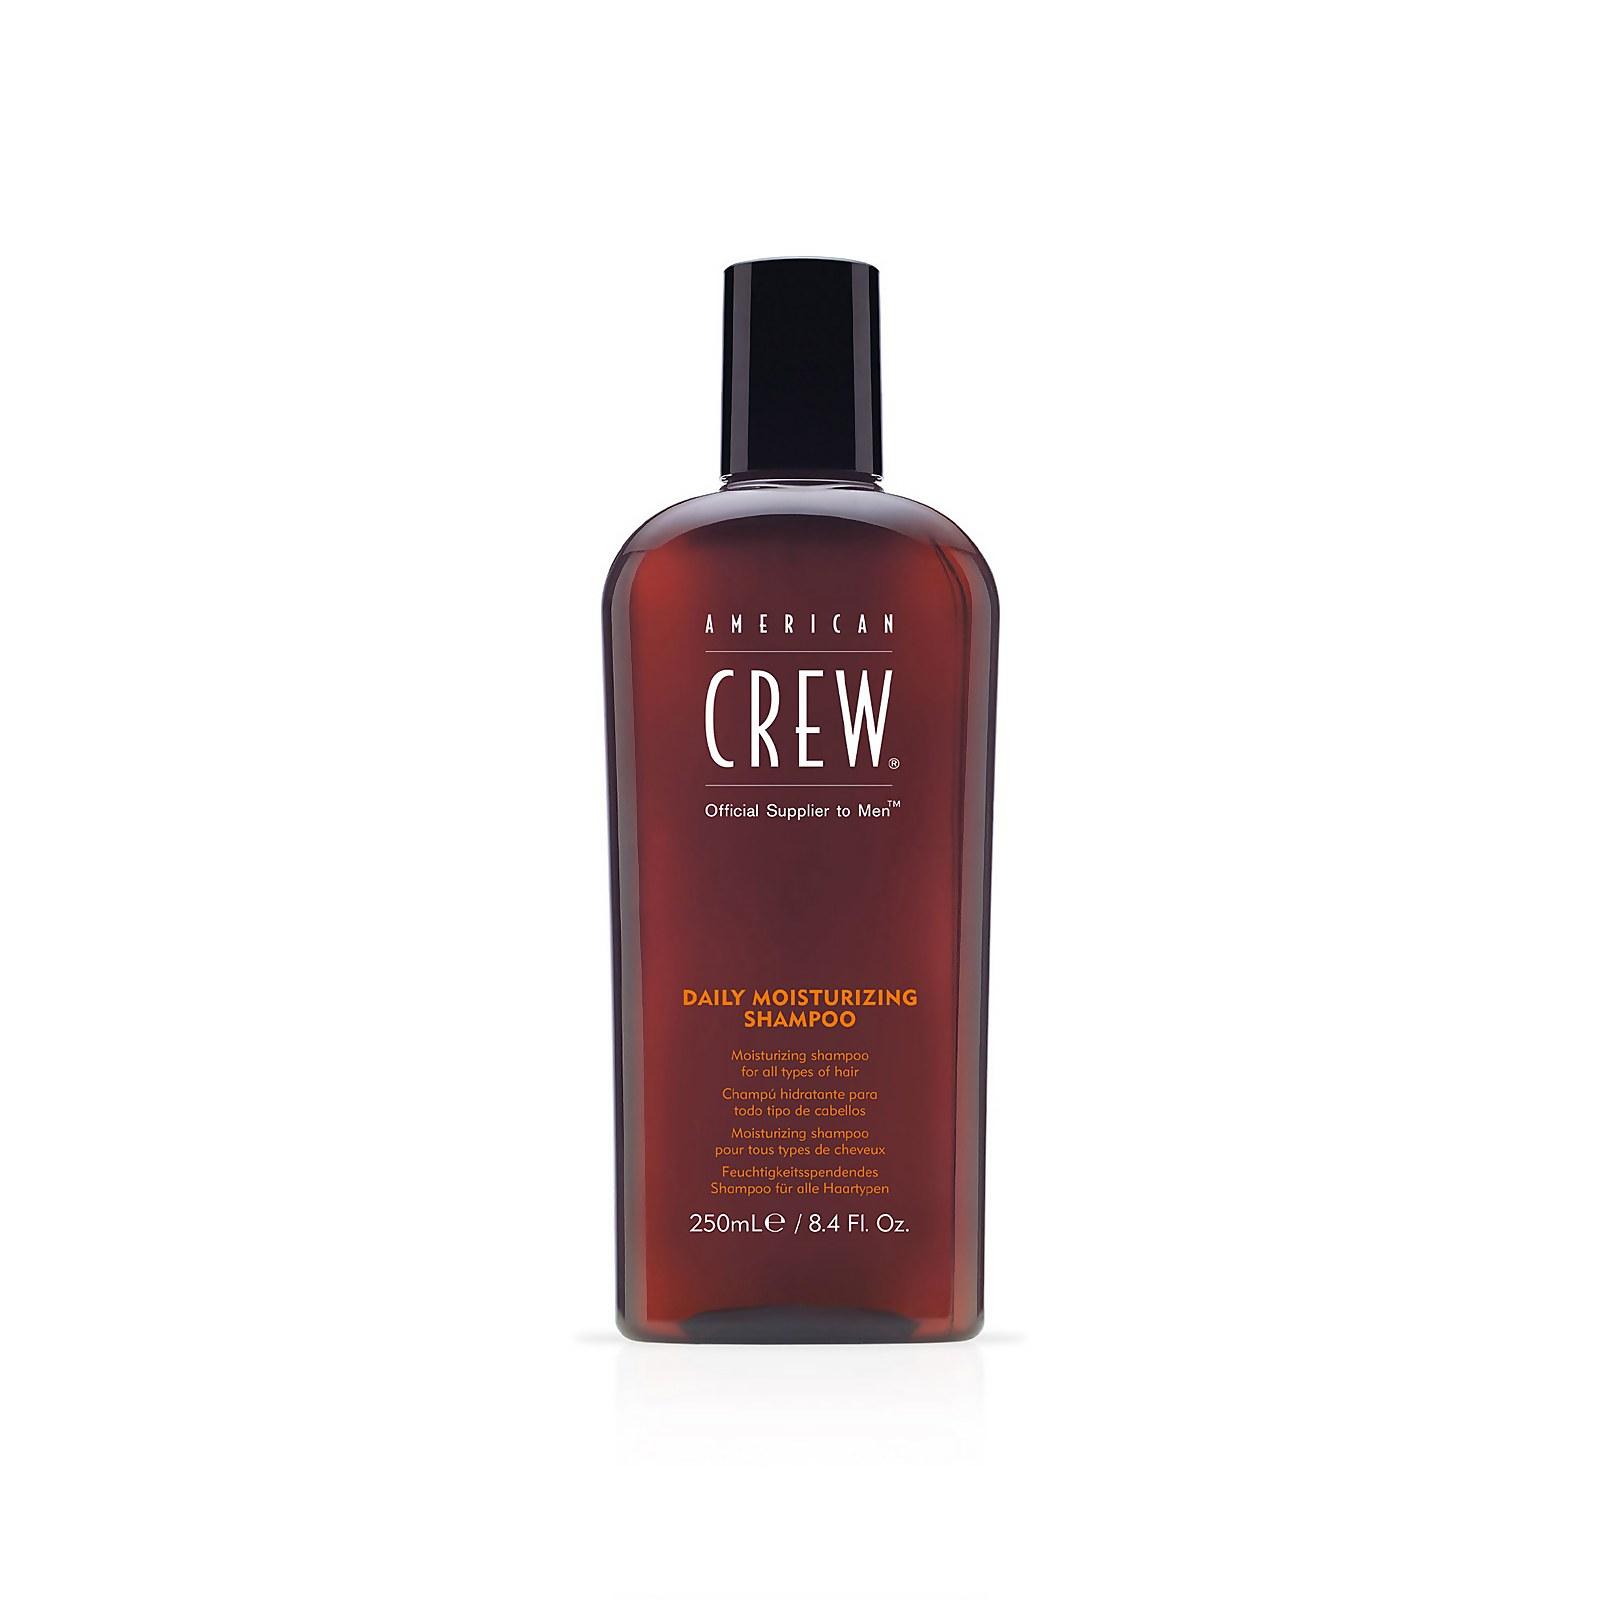 Купить Увлажняющий шампунь для ежедневного применения American Crew Daily Moisturising Shampoo (250мл)